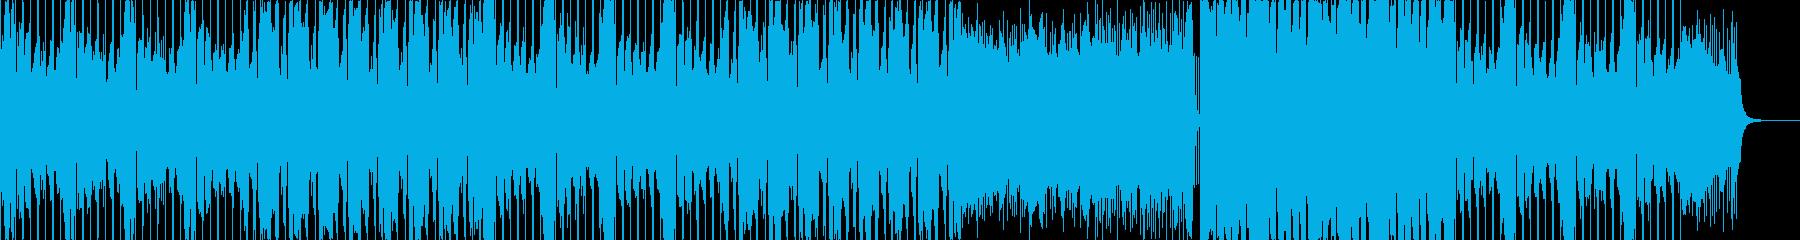 スタイリッシュな映像向け/ダブステップの再生済みの波形